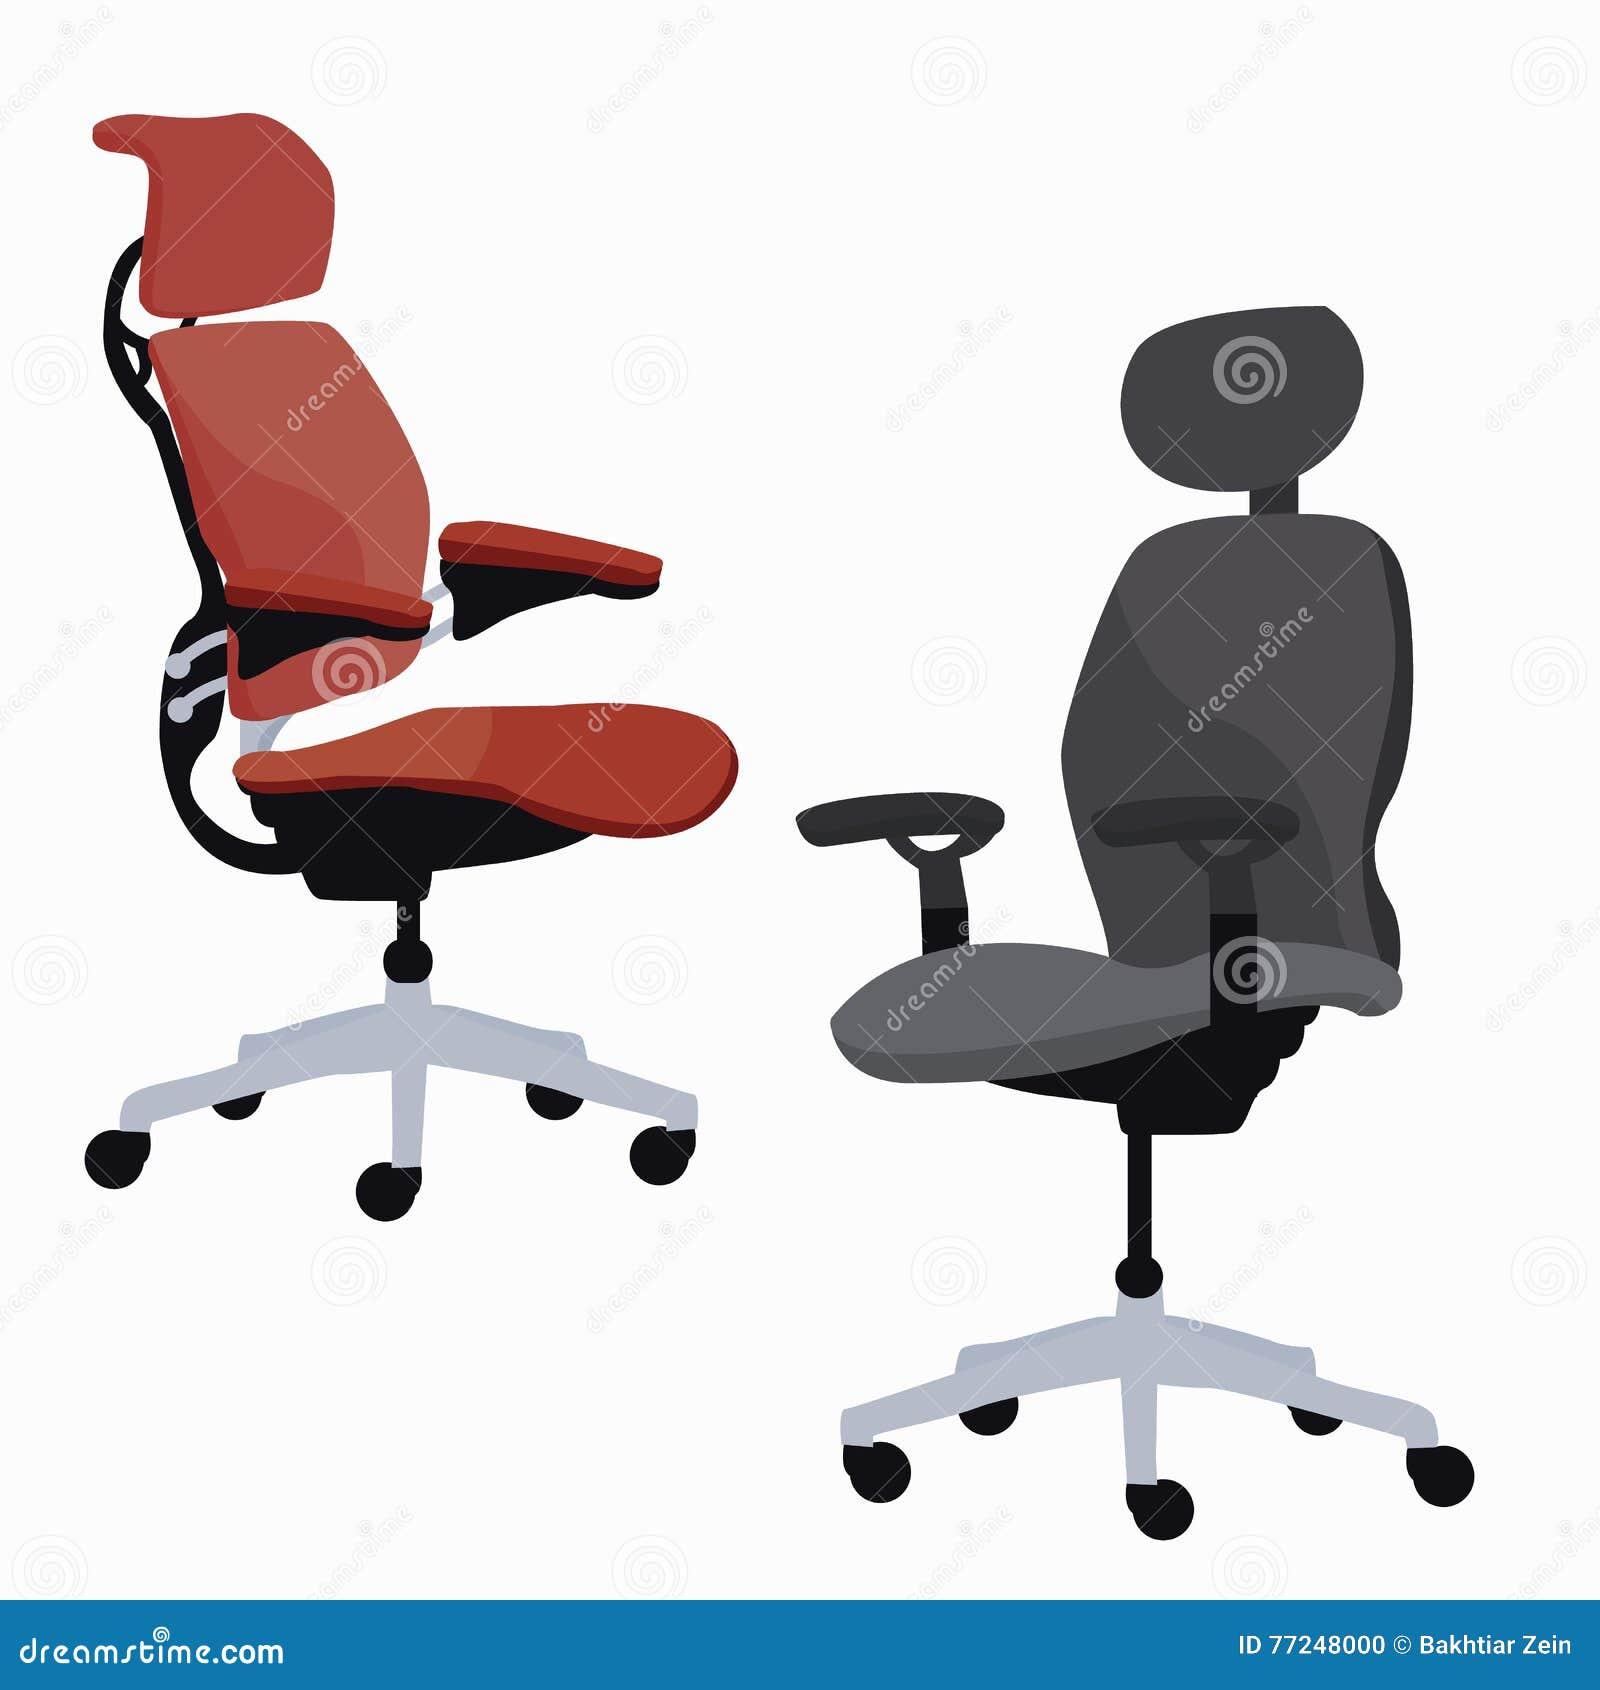 Poltrona Sedia D Ufficio.Poltrona Regolabile Ergonomica Delle Forniture Di Ufficio Della